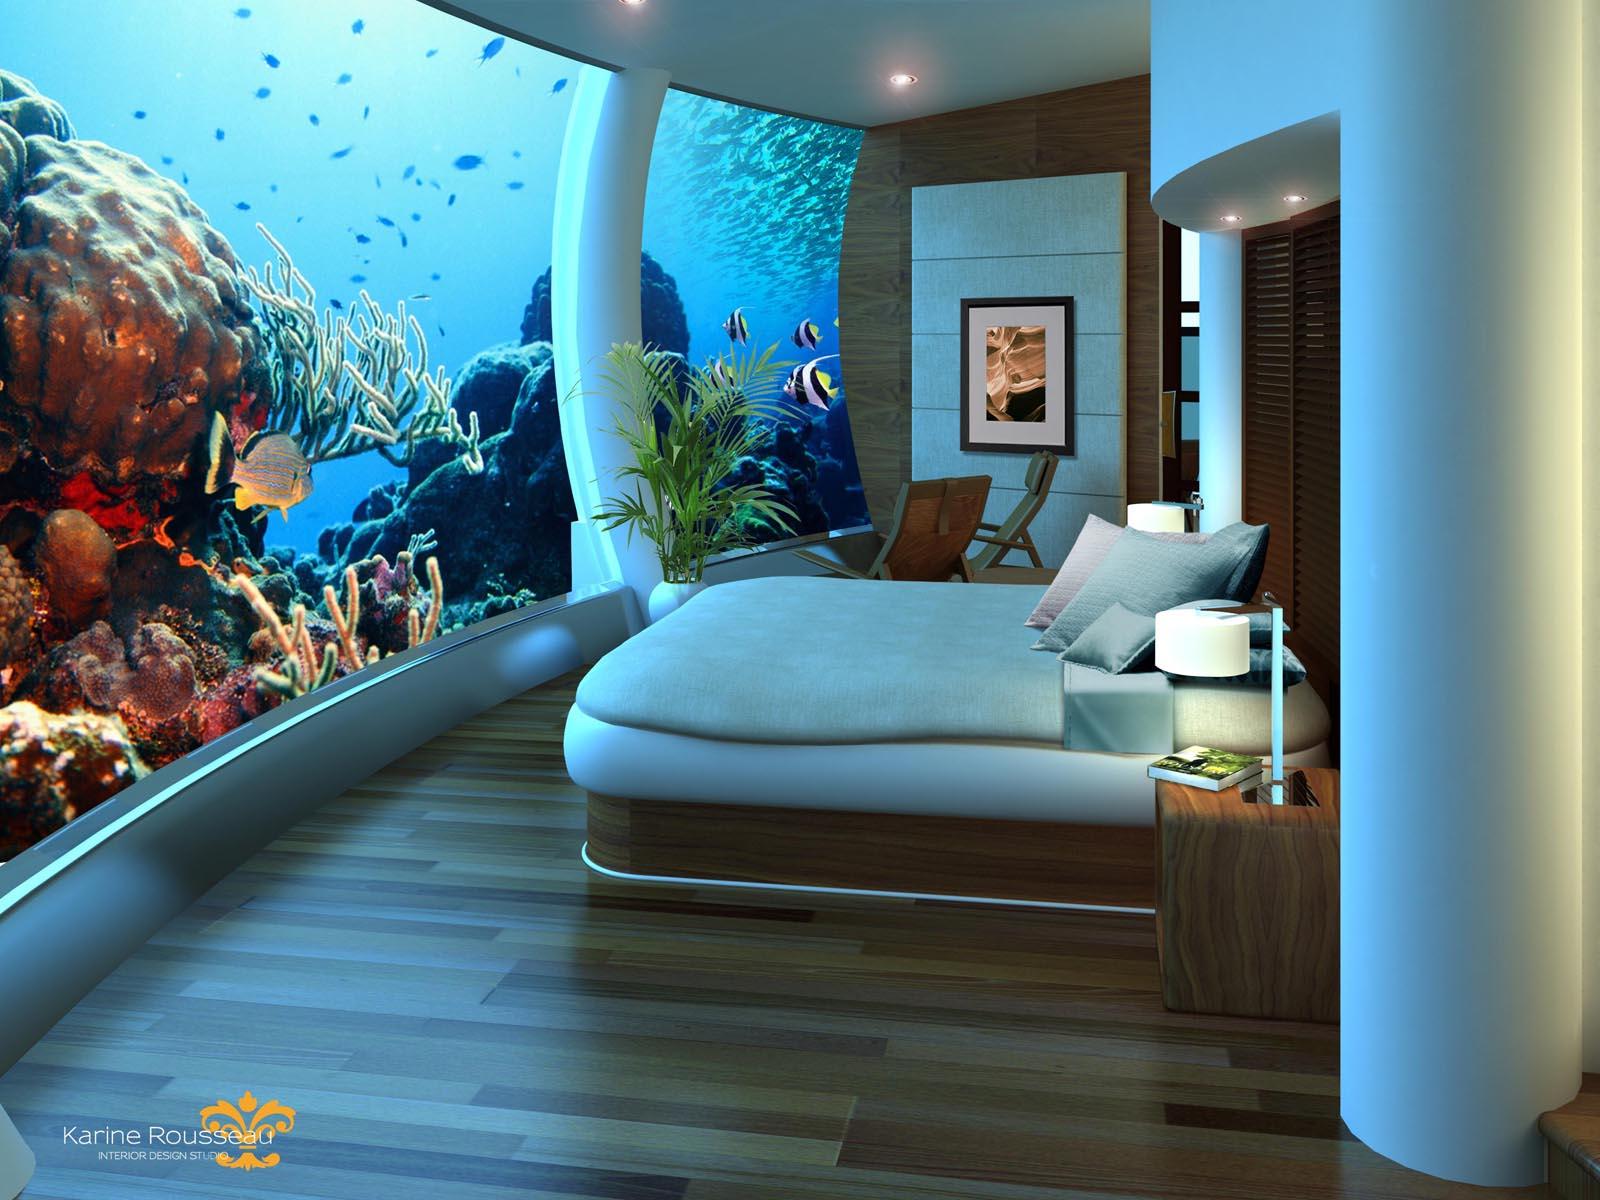 Aparte, bijzondere en bizarre hotels en slaapplekken poseidon underwater resort